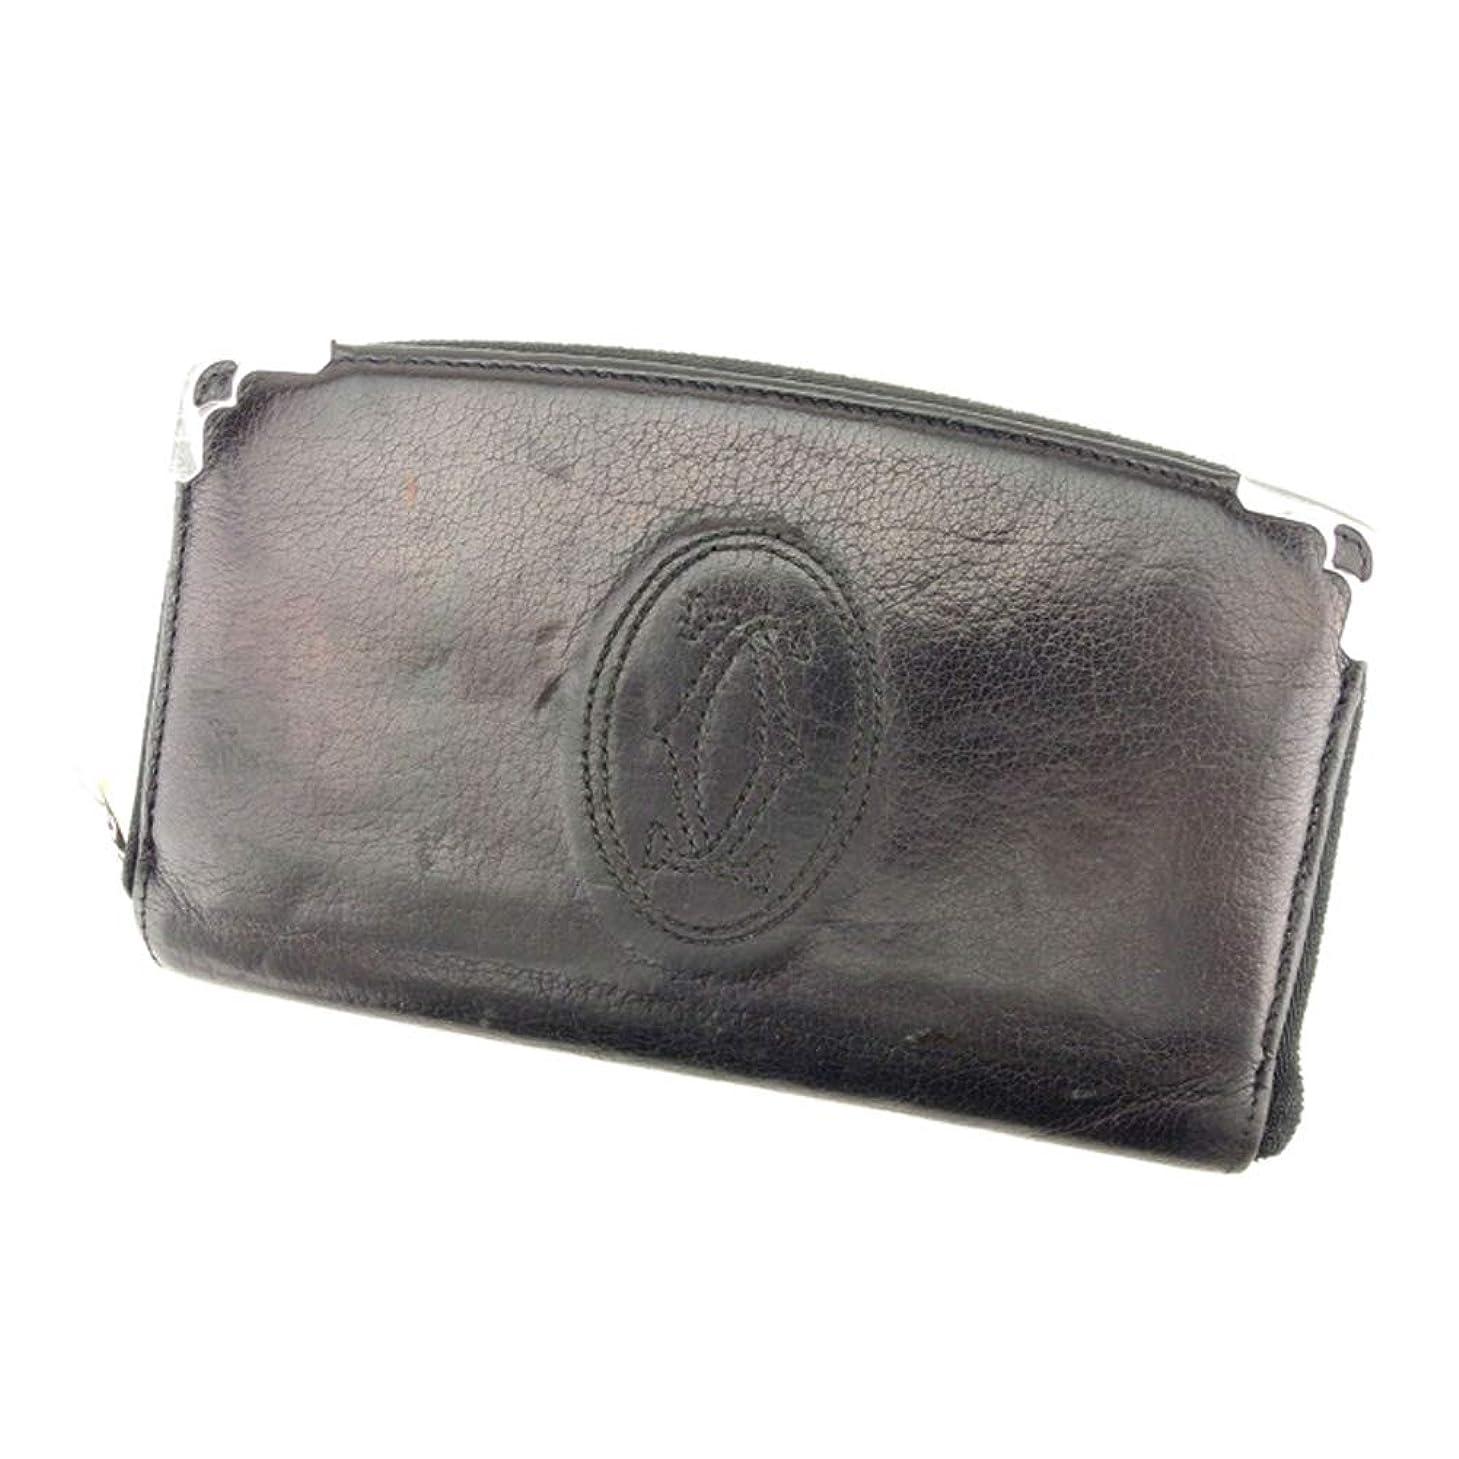 風シャンパンシソーラス(カルティエ) Cartier 長財布 ラウンドファスナー レディース メンズ マストライン 中古 T8781